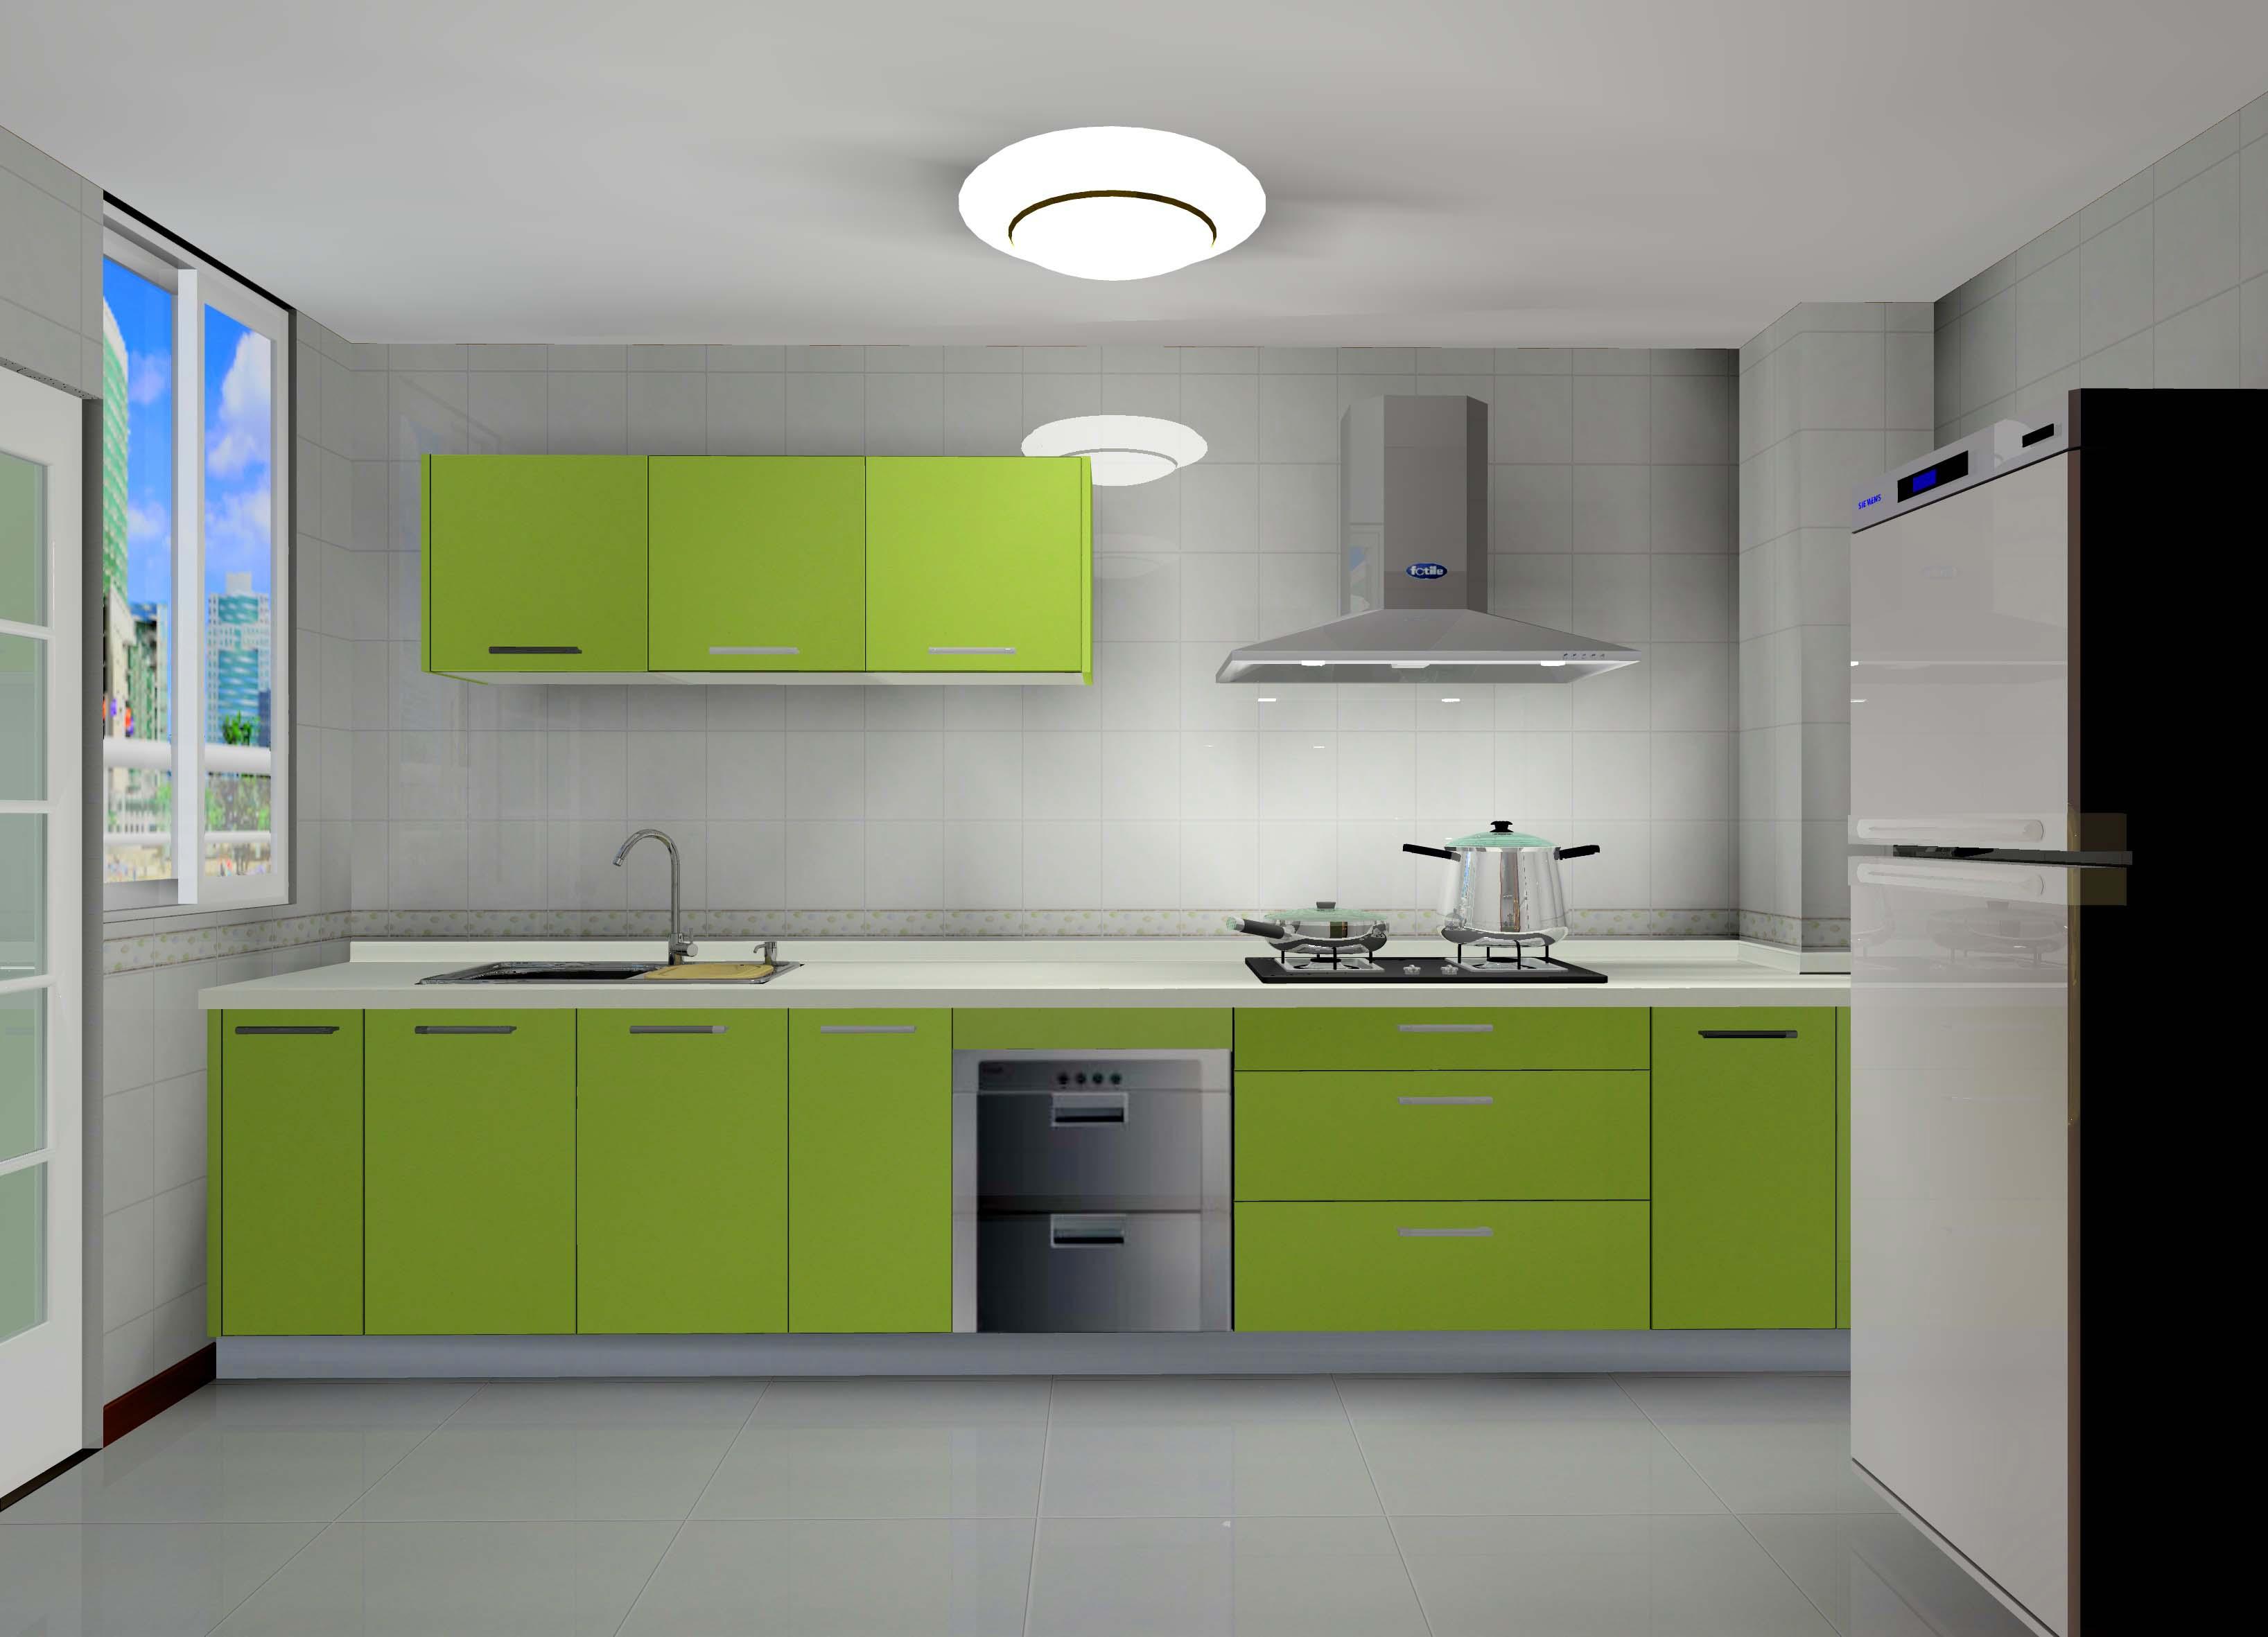 00㎡-厨房装修效果图; 我家橱柜效果图